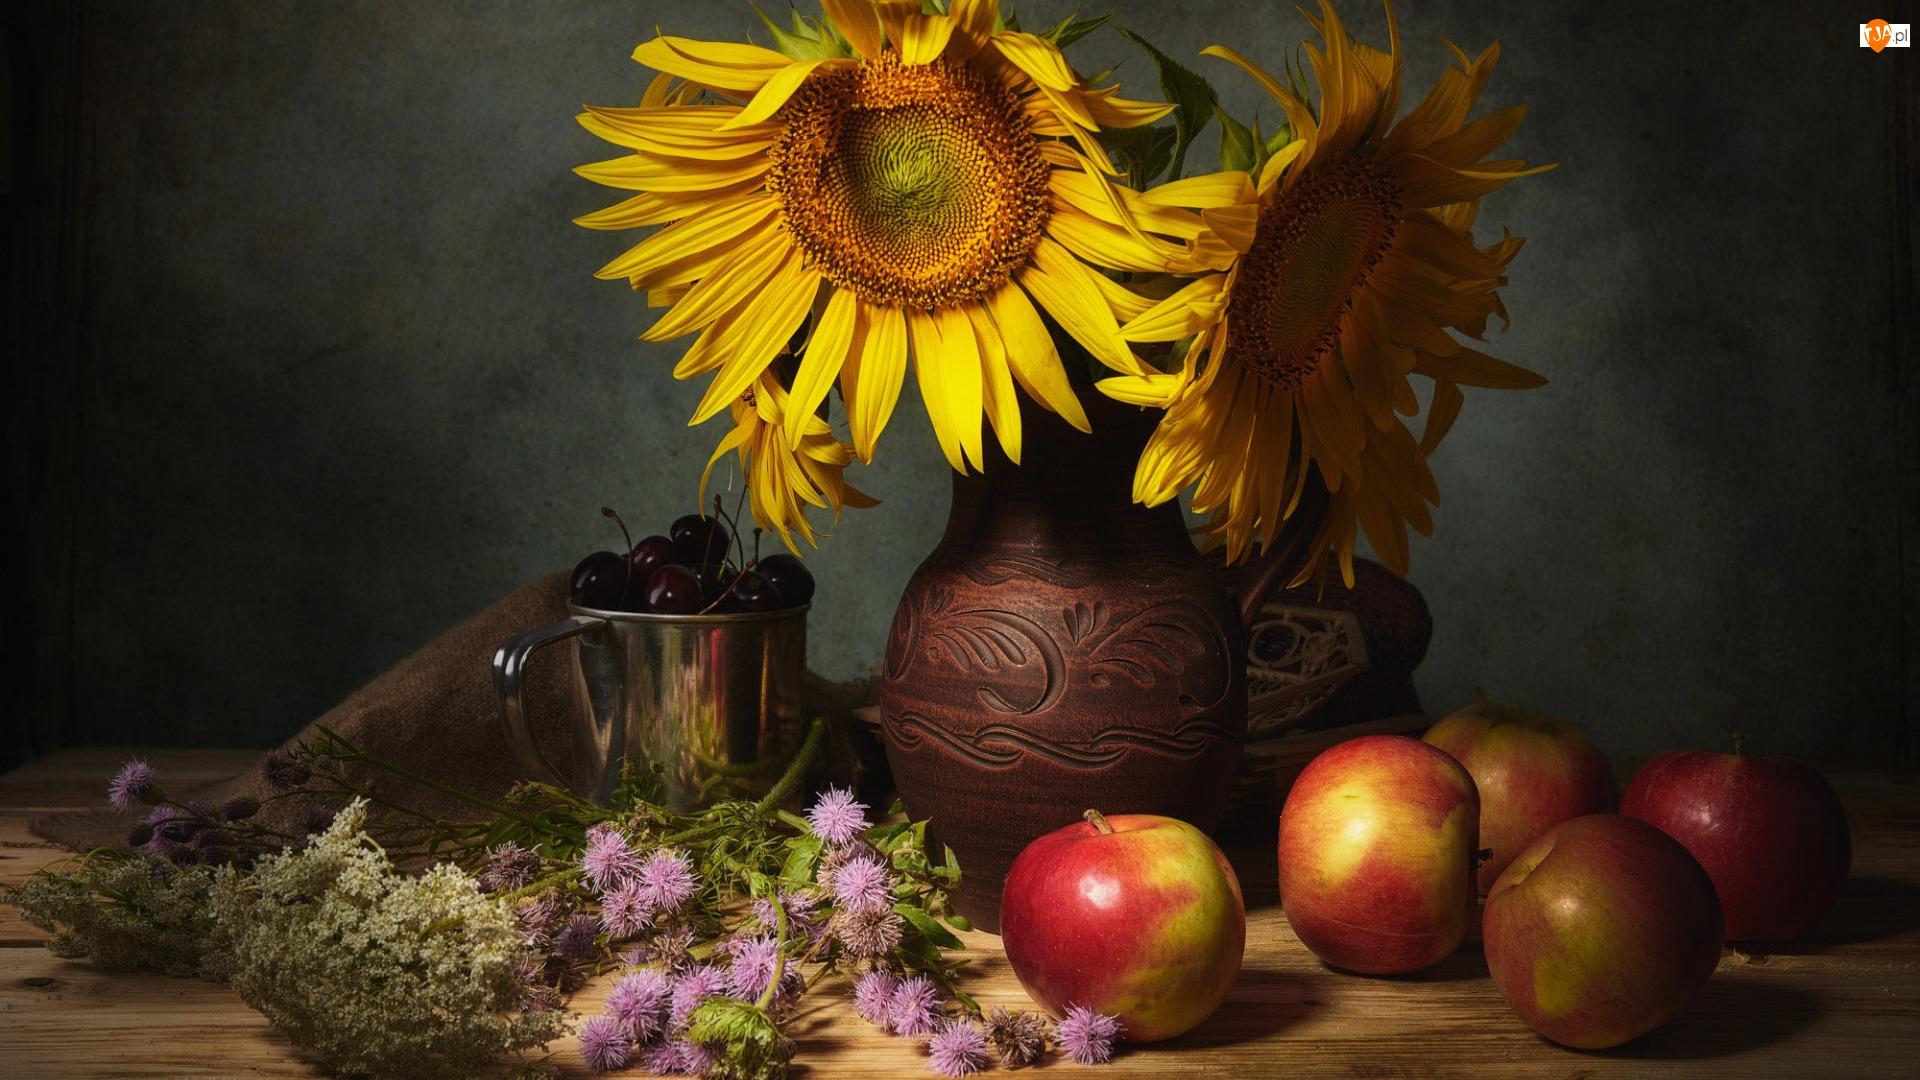 Wazon, Kwiaty, Czereśnie, Kompozycja, Garnuszek, Jabłka, Słoneczniki